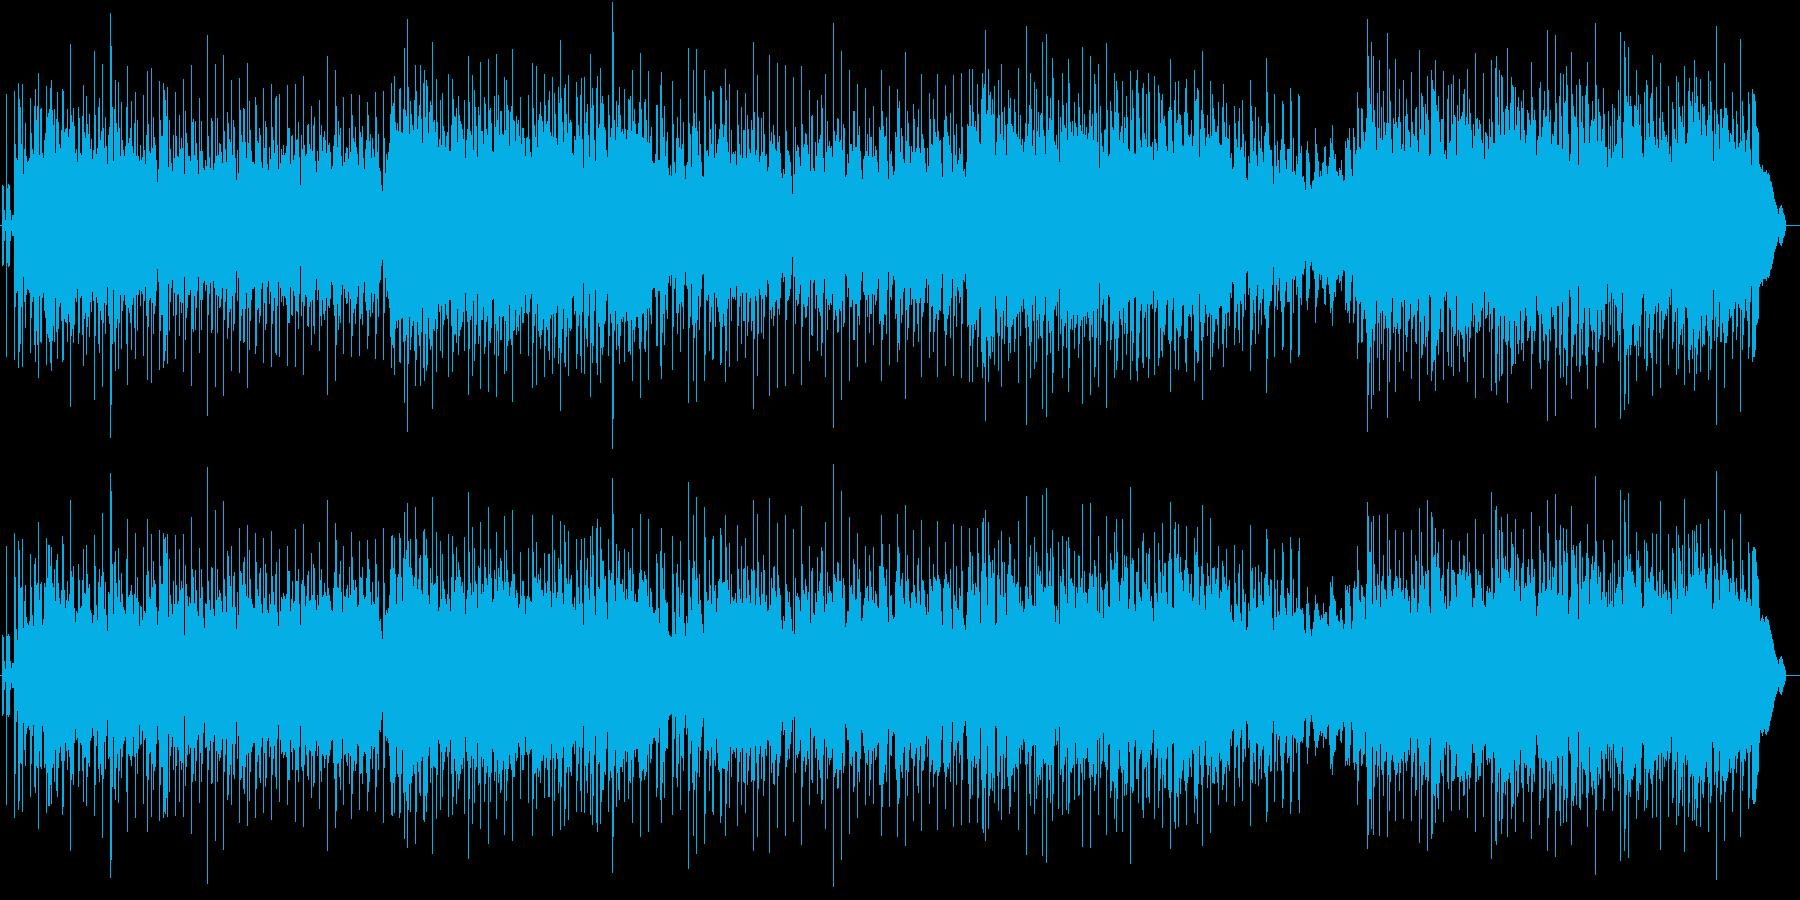 軽快な2010年代ガールズポップ風ロックの再生済みの波形